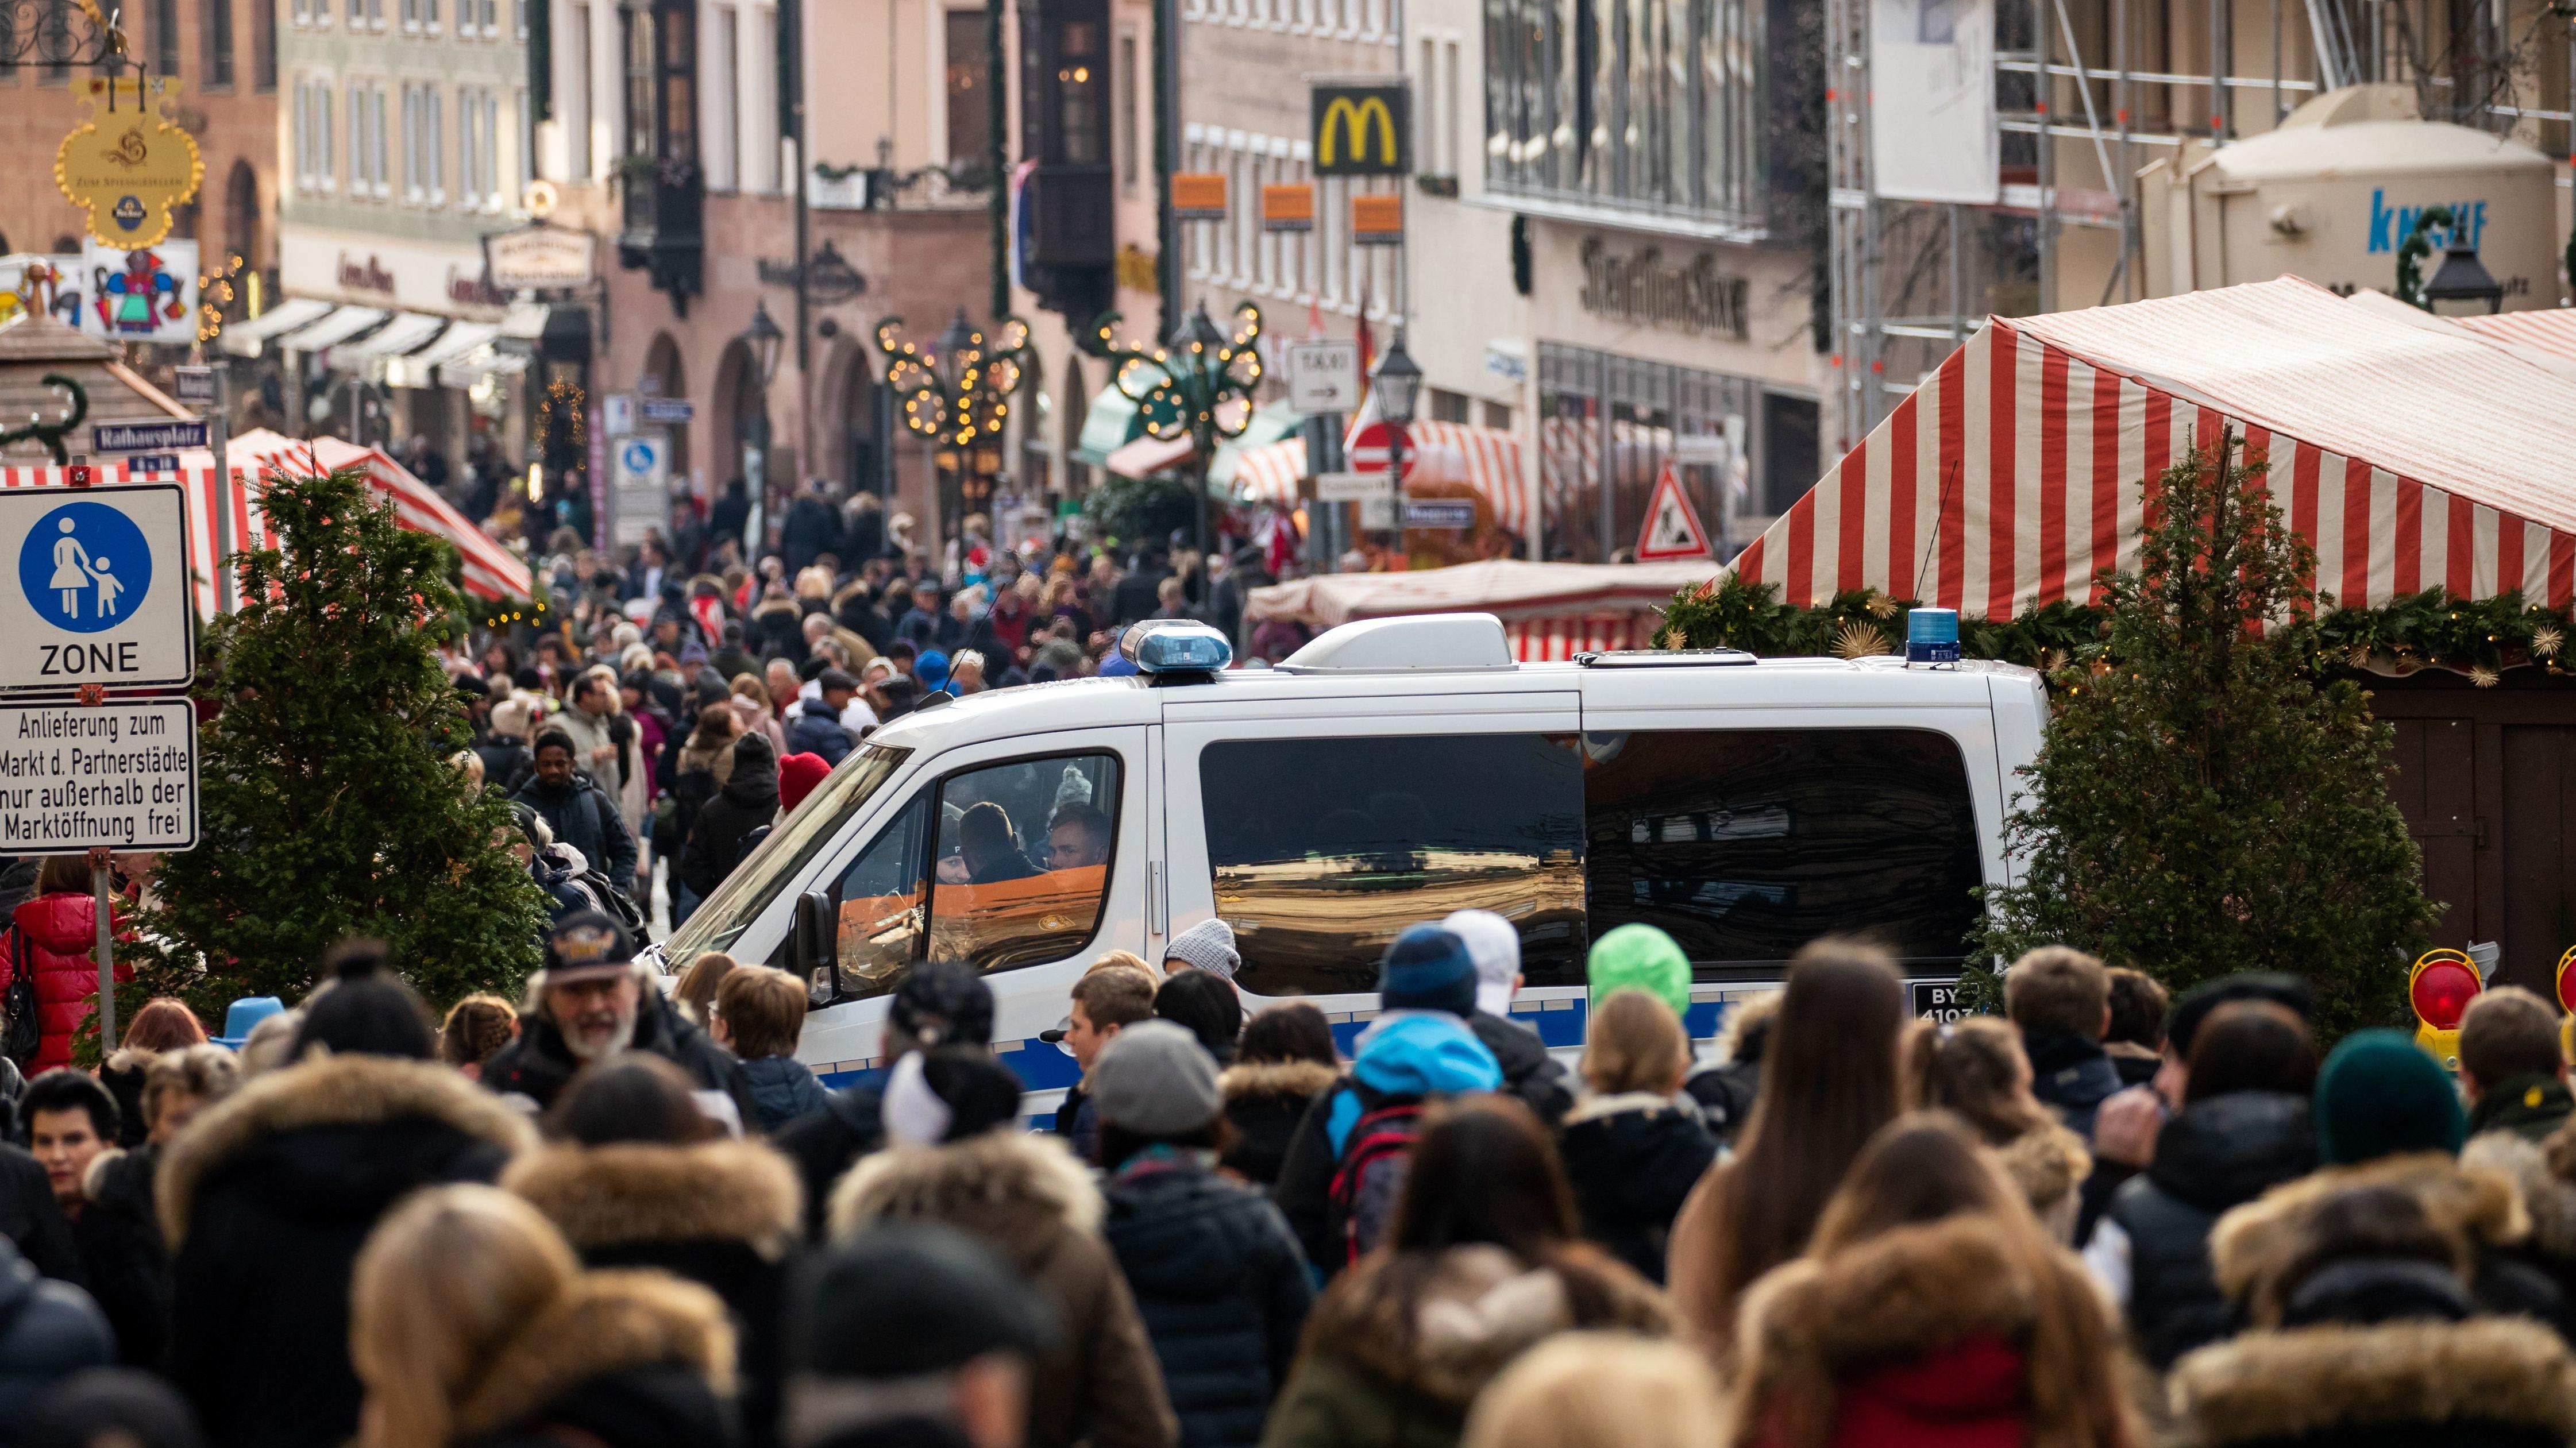 Ein Polizeifahrzeug am Nürnberger Christkindlesmarkt, aufgenommen im Dezember 2018.